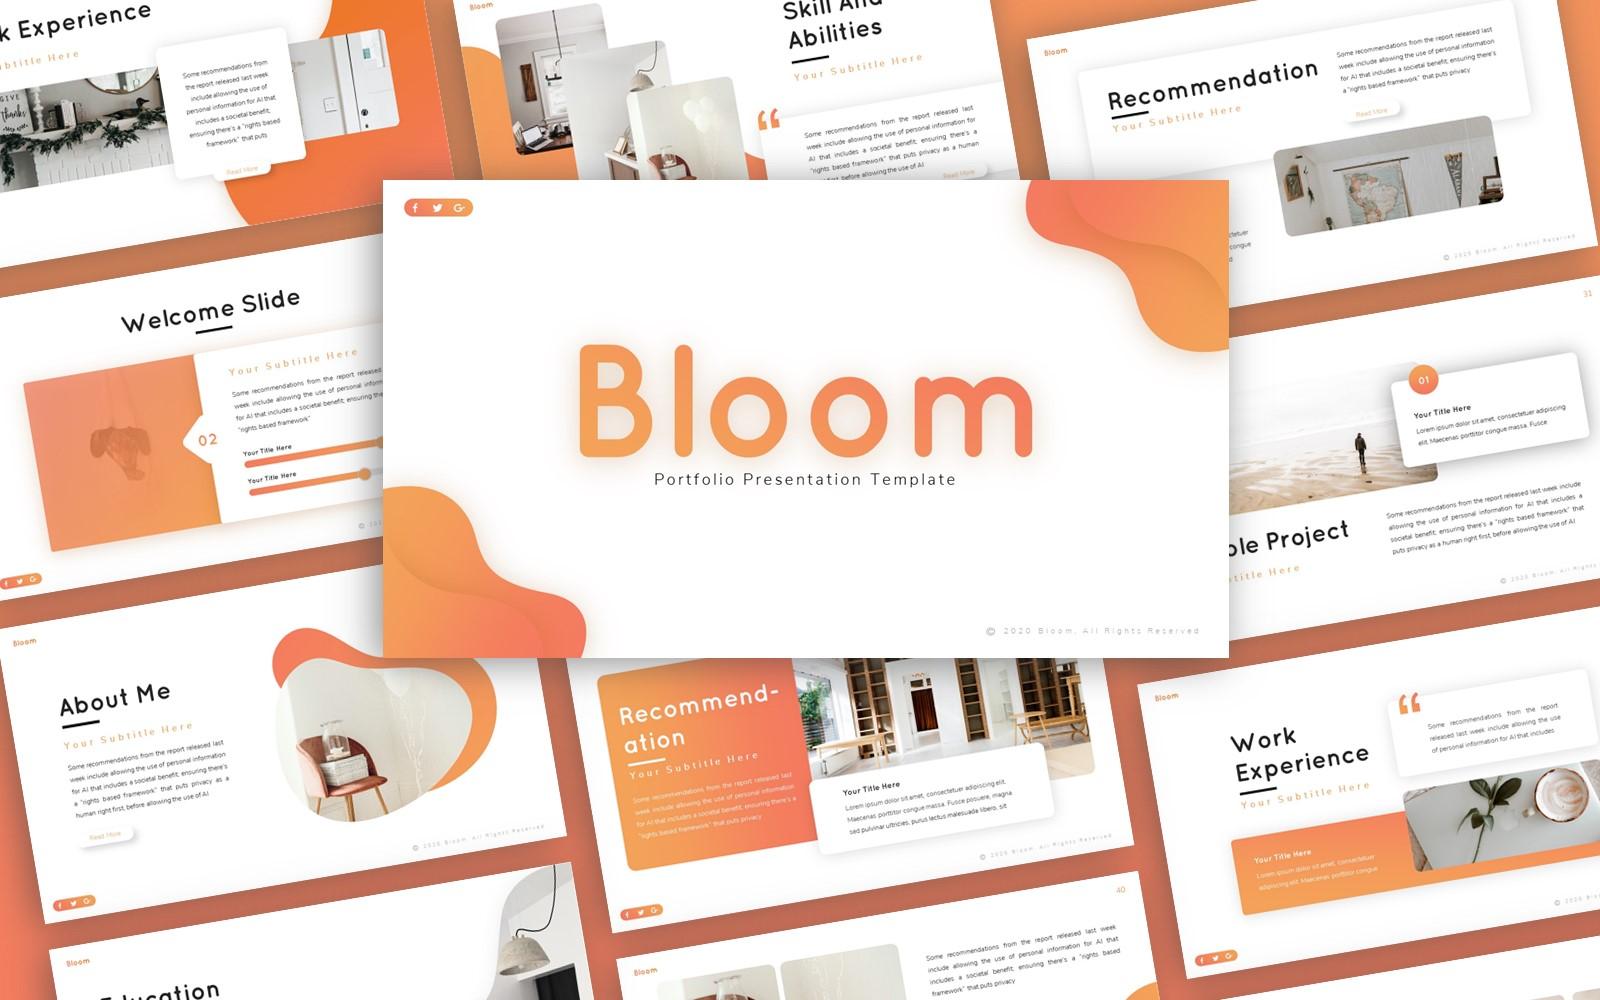 Bloom Portfolio Presentation PowerPoint Template